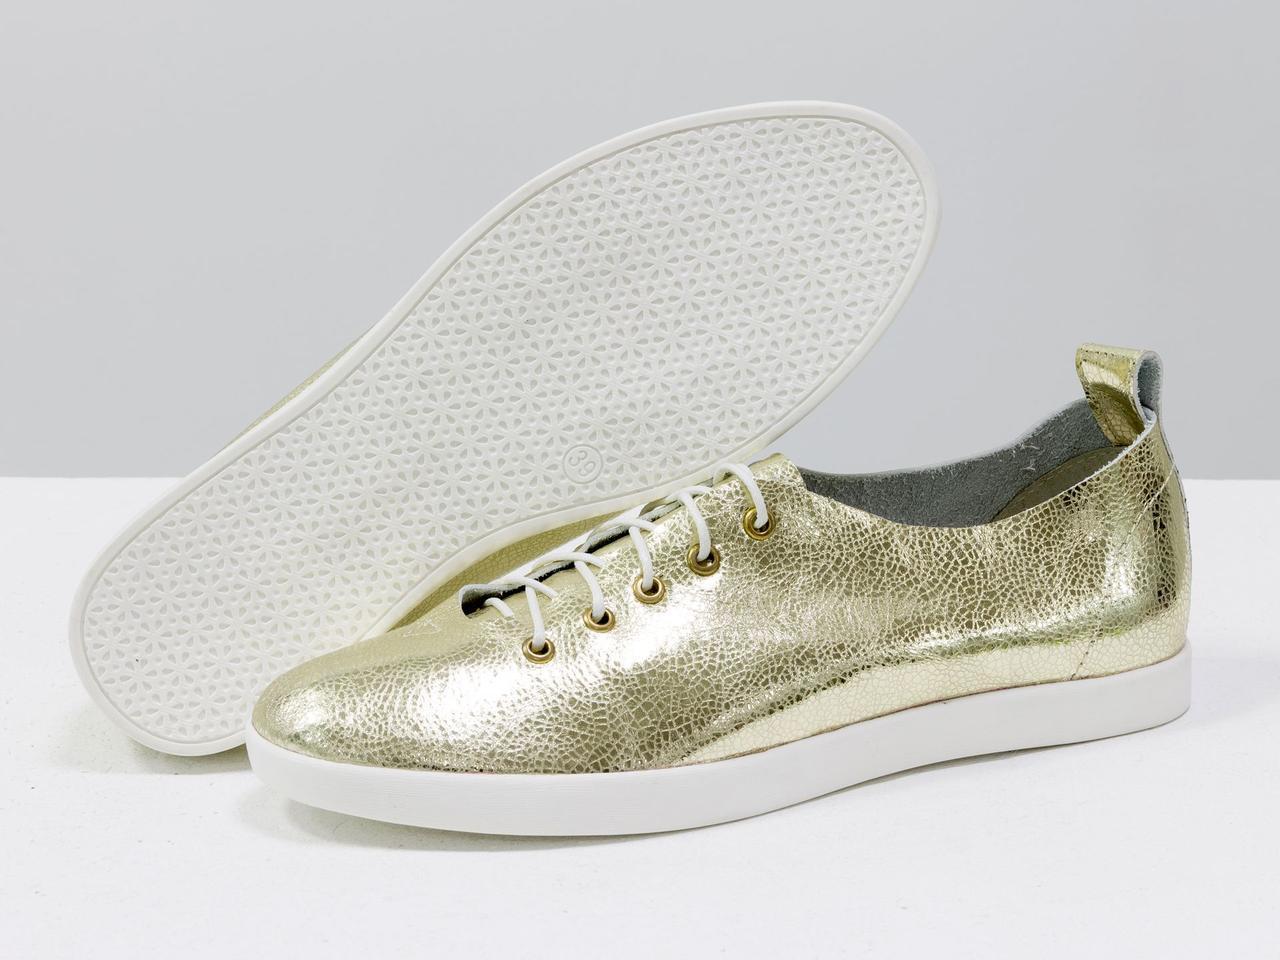 Невероятно легкие туфли-кеды из натуральной кожи золотого цвета на яркой белой подошве - фото 2